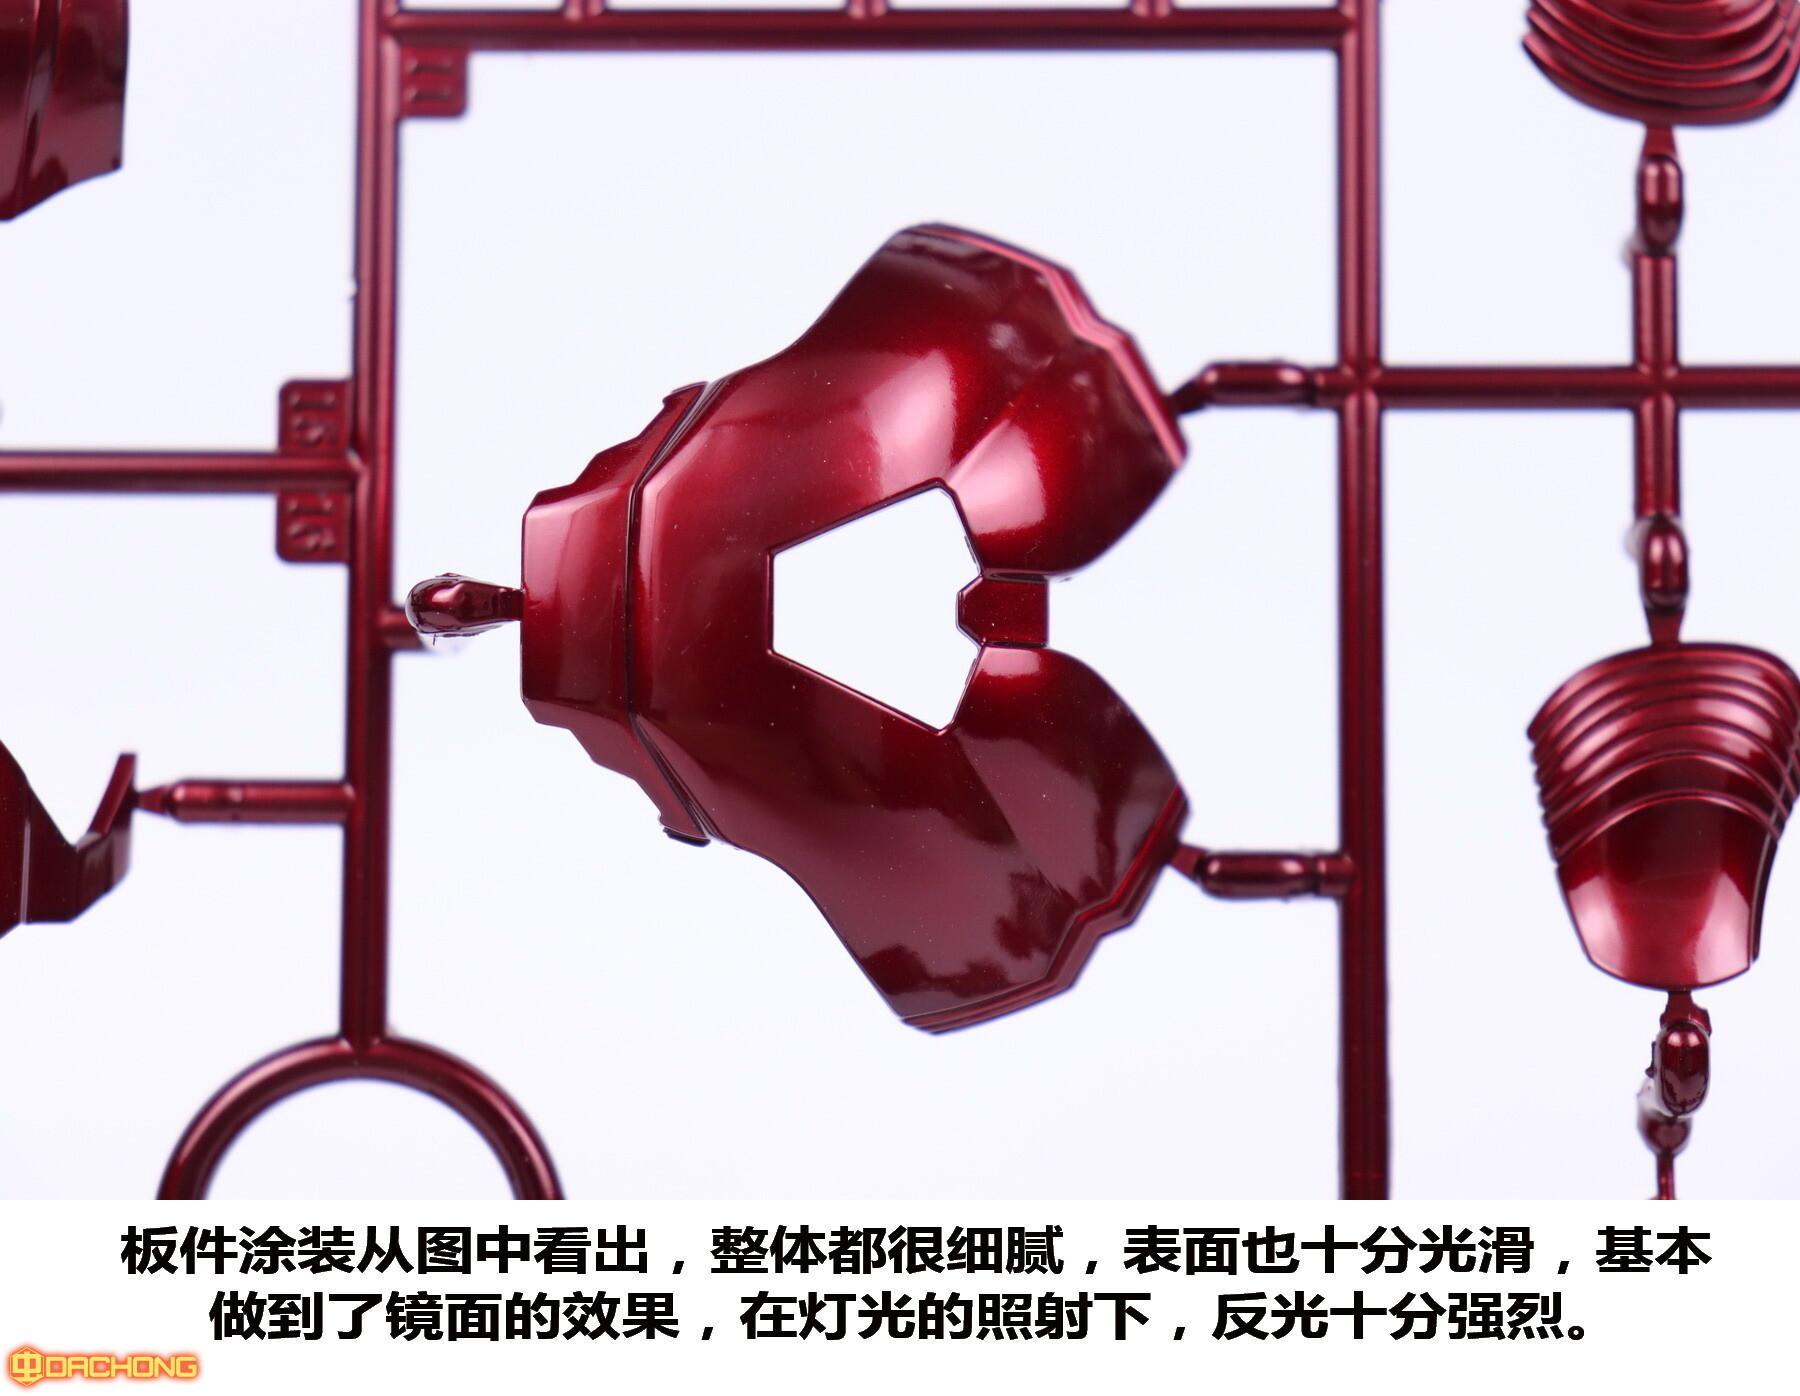 S498_2_ironman_mk85_005.jpg